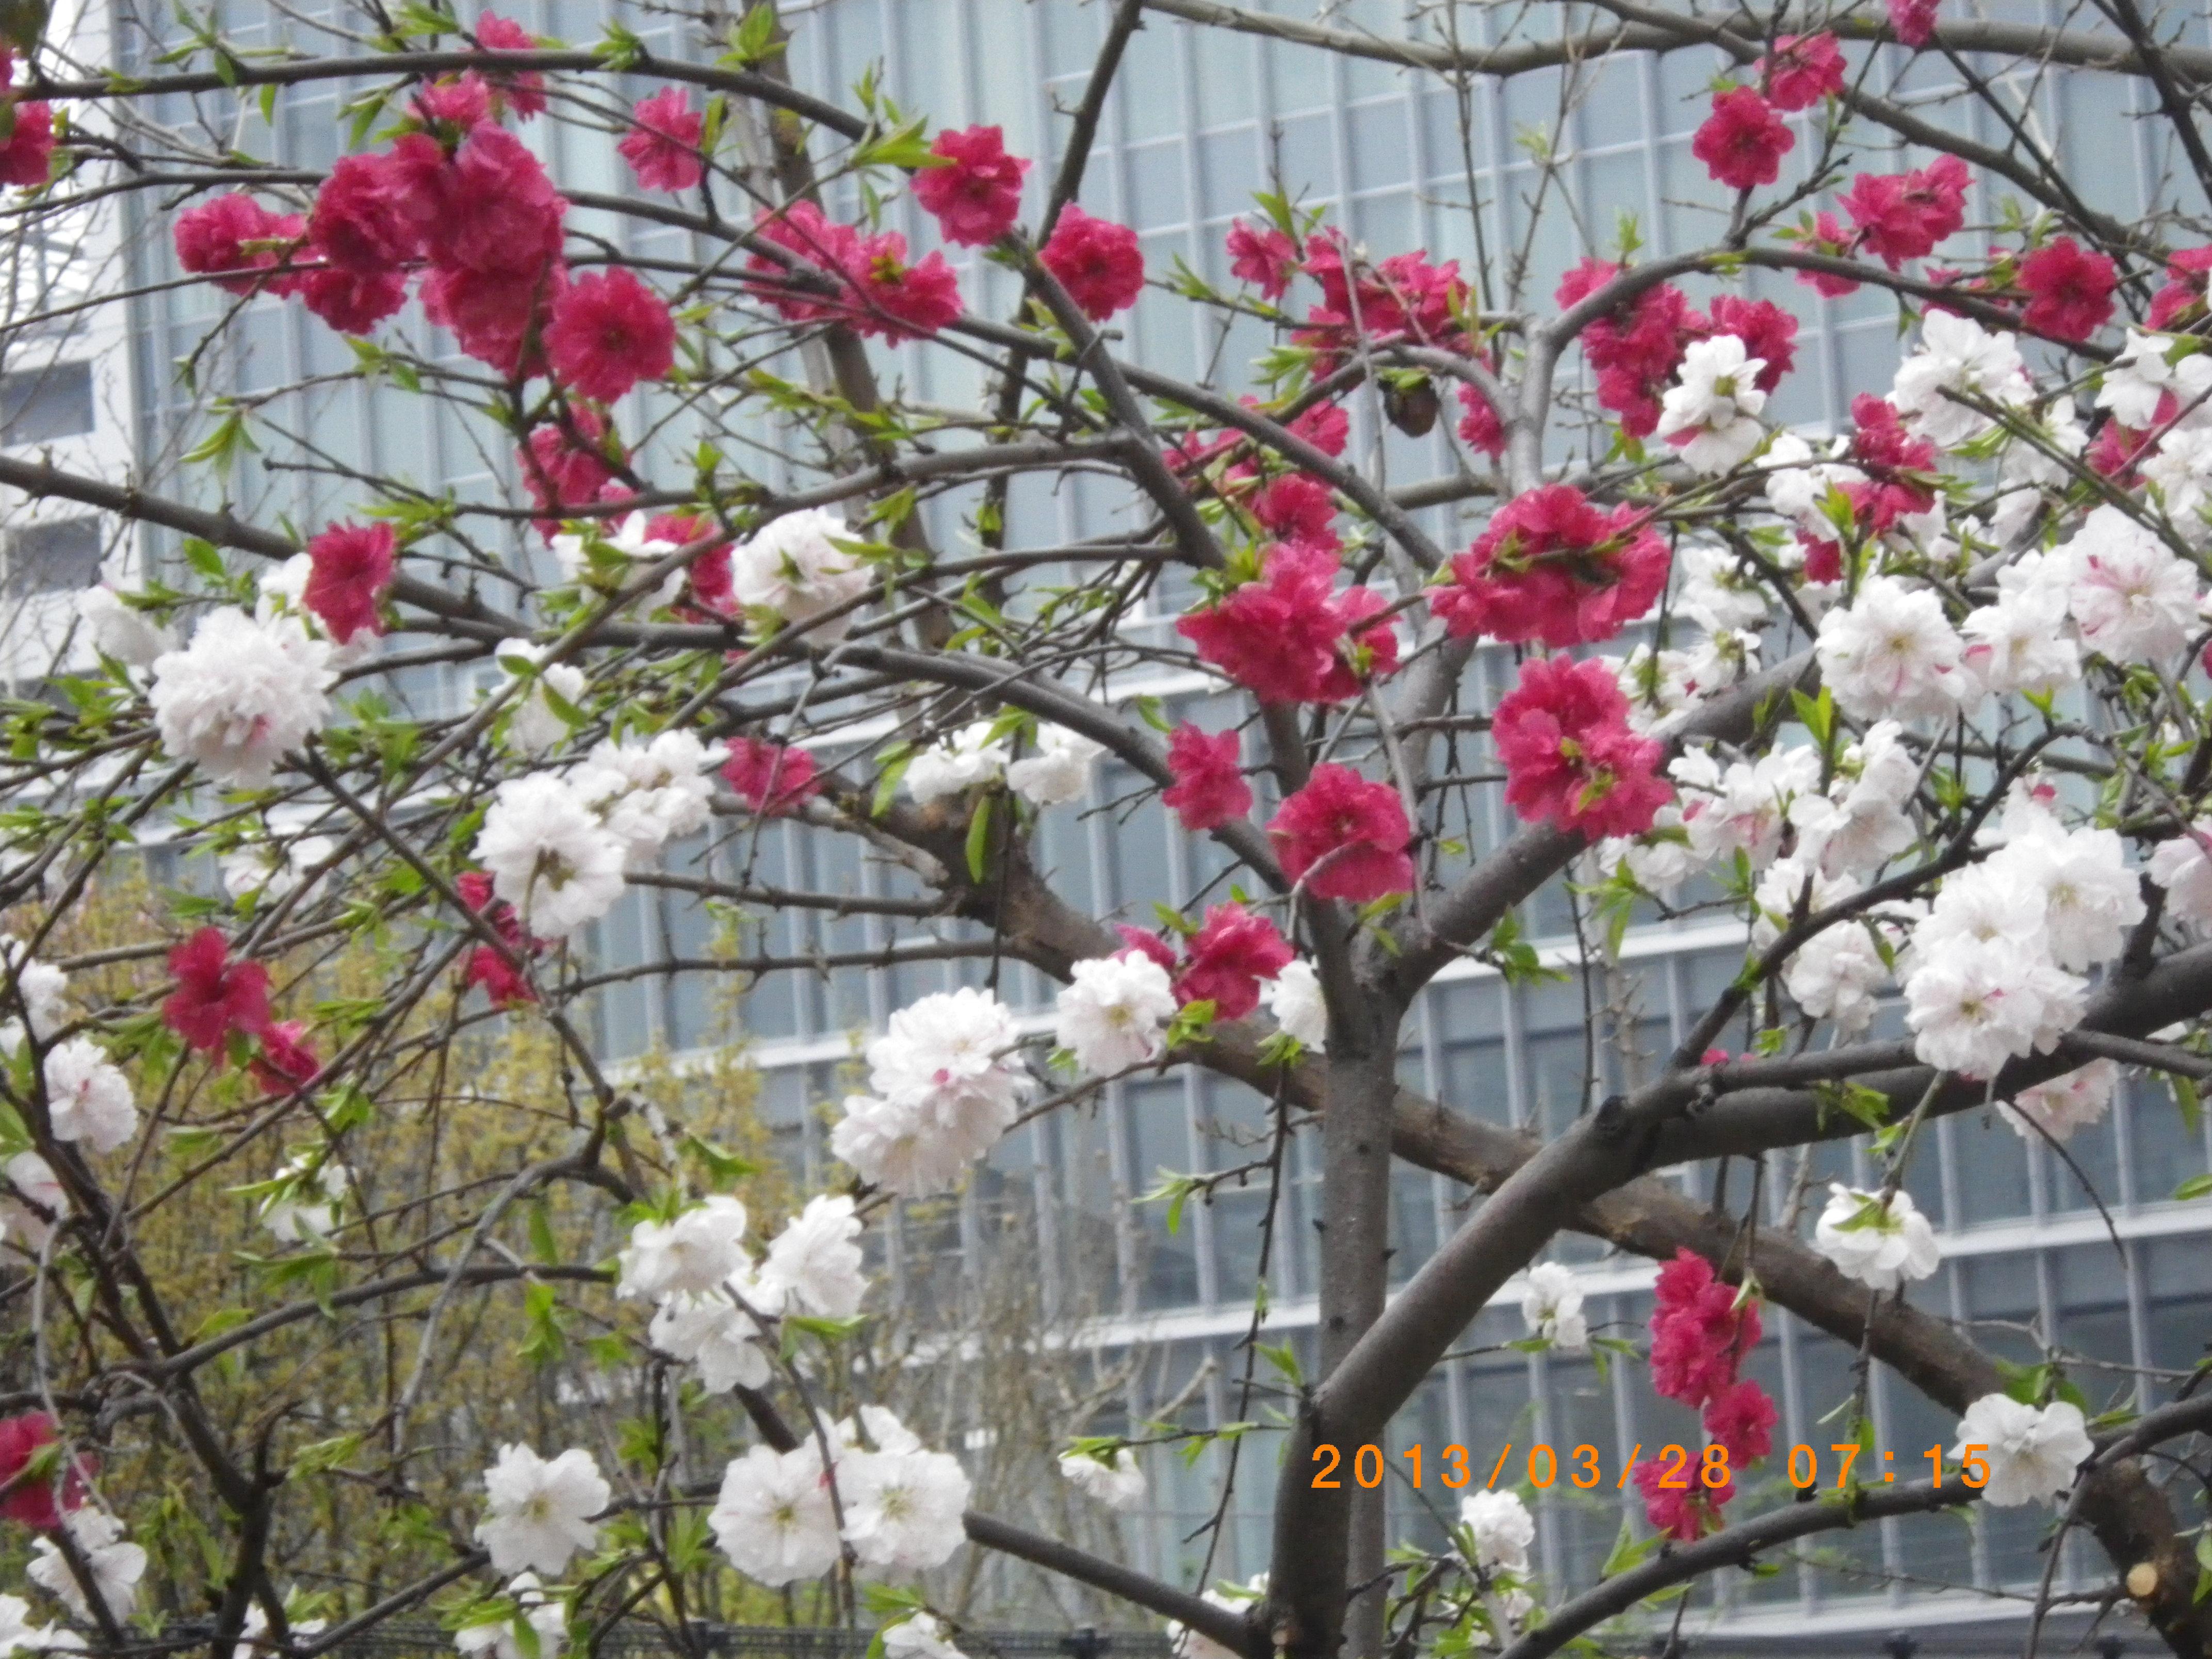 http://www.law-pro.jp/weblog/20130329/IMGP3634.JPG